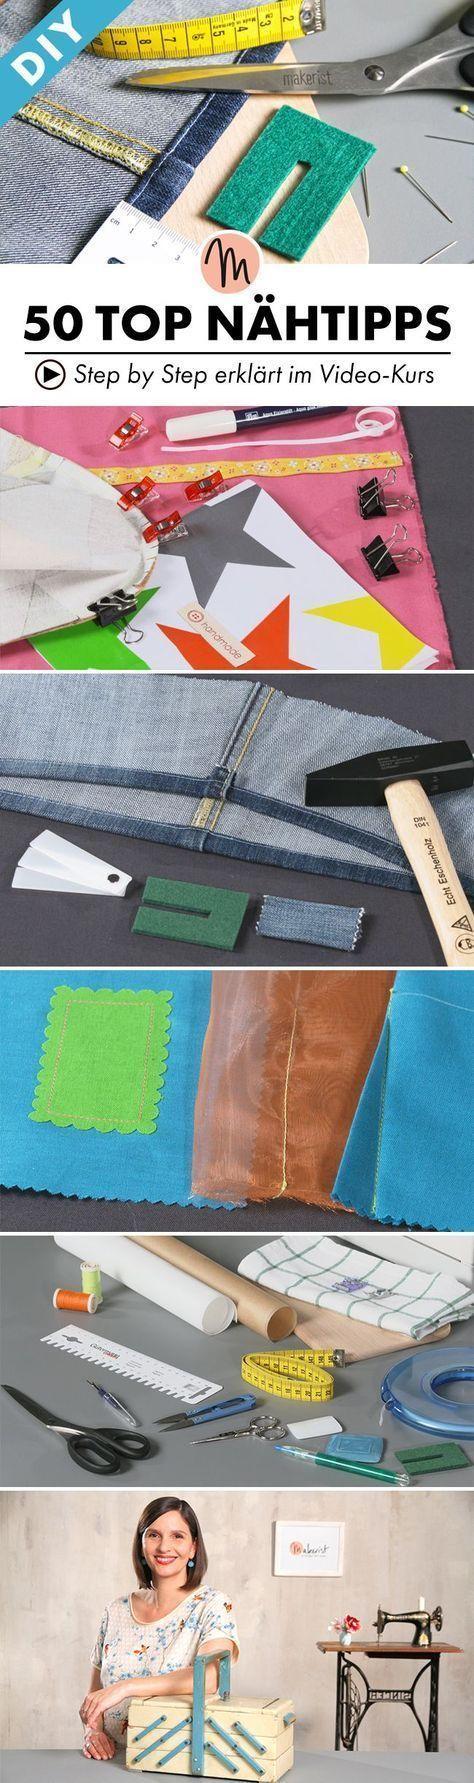 50 astuces de couture indispensables: c'est ainsi que chaque projet réussit!   – Nähen    Schnittmuster, Stoffe, Tipps, Inspiration